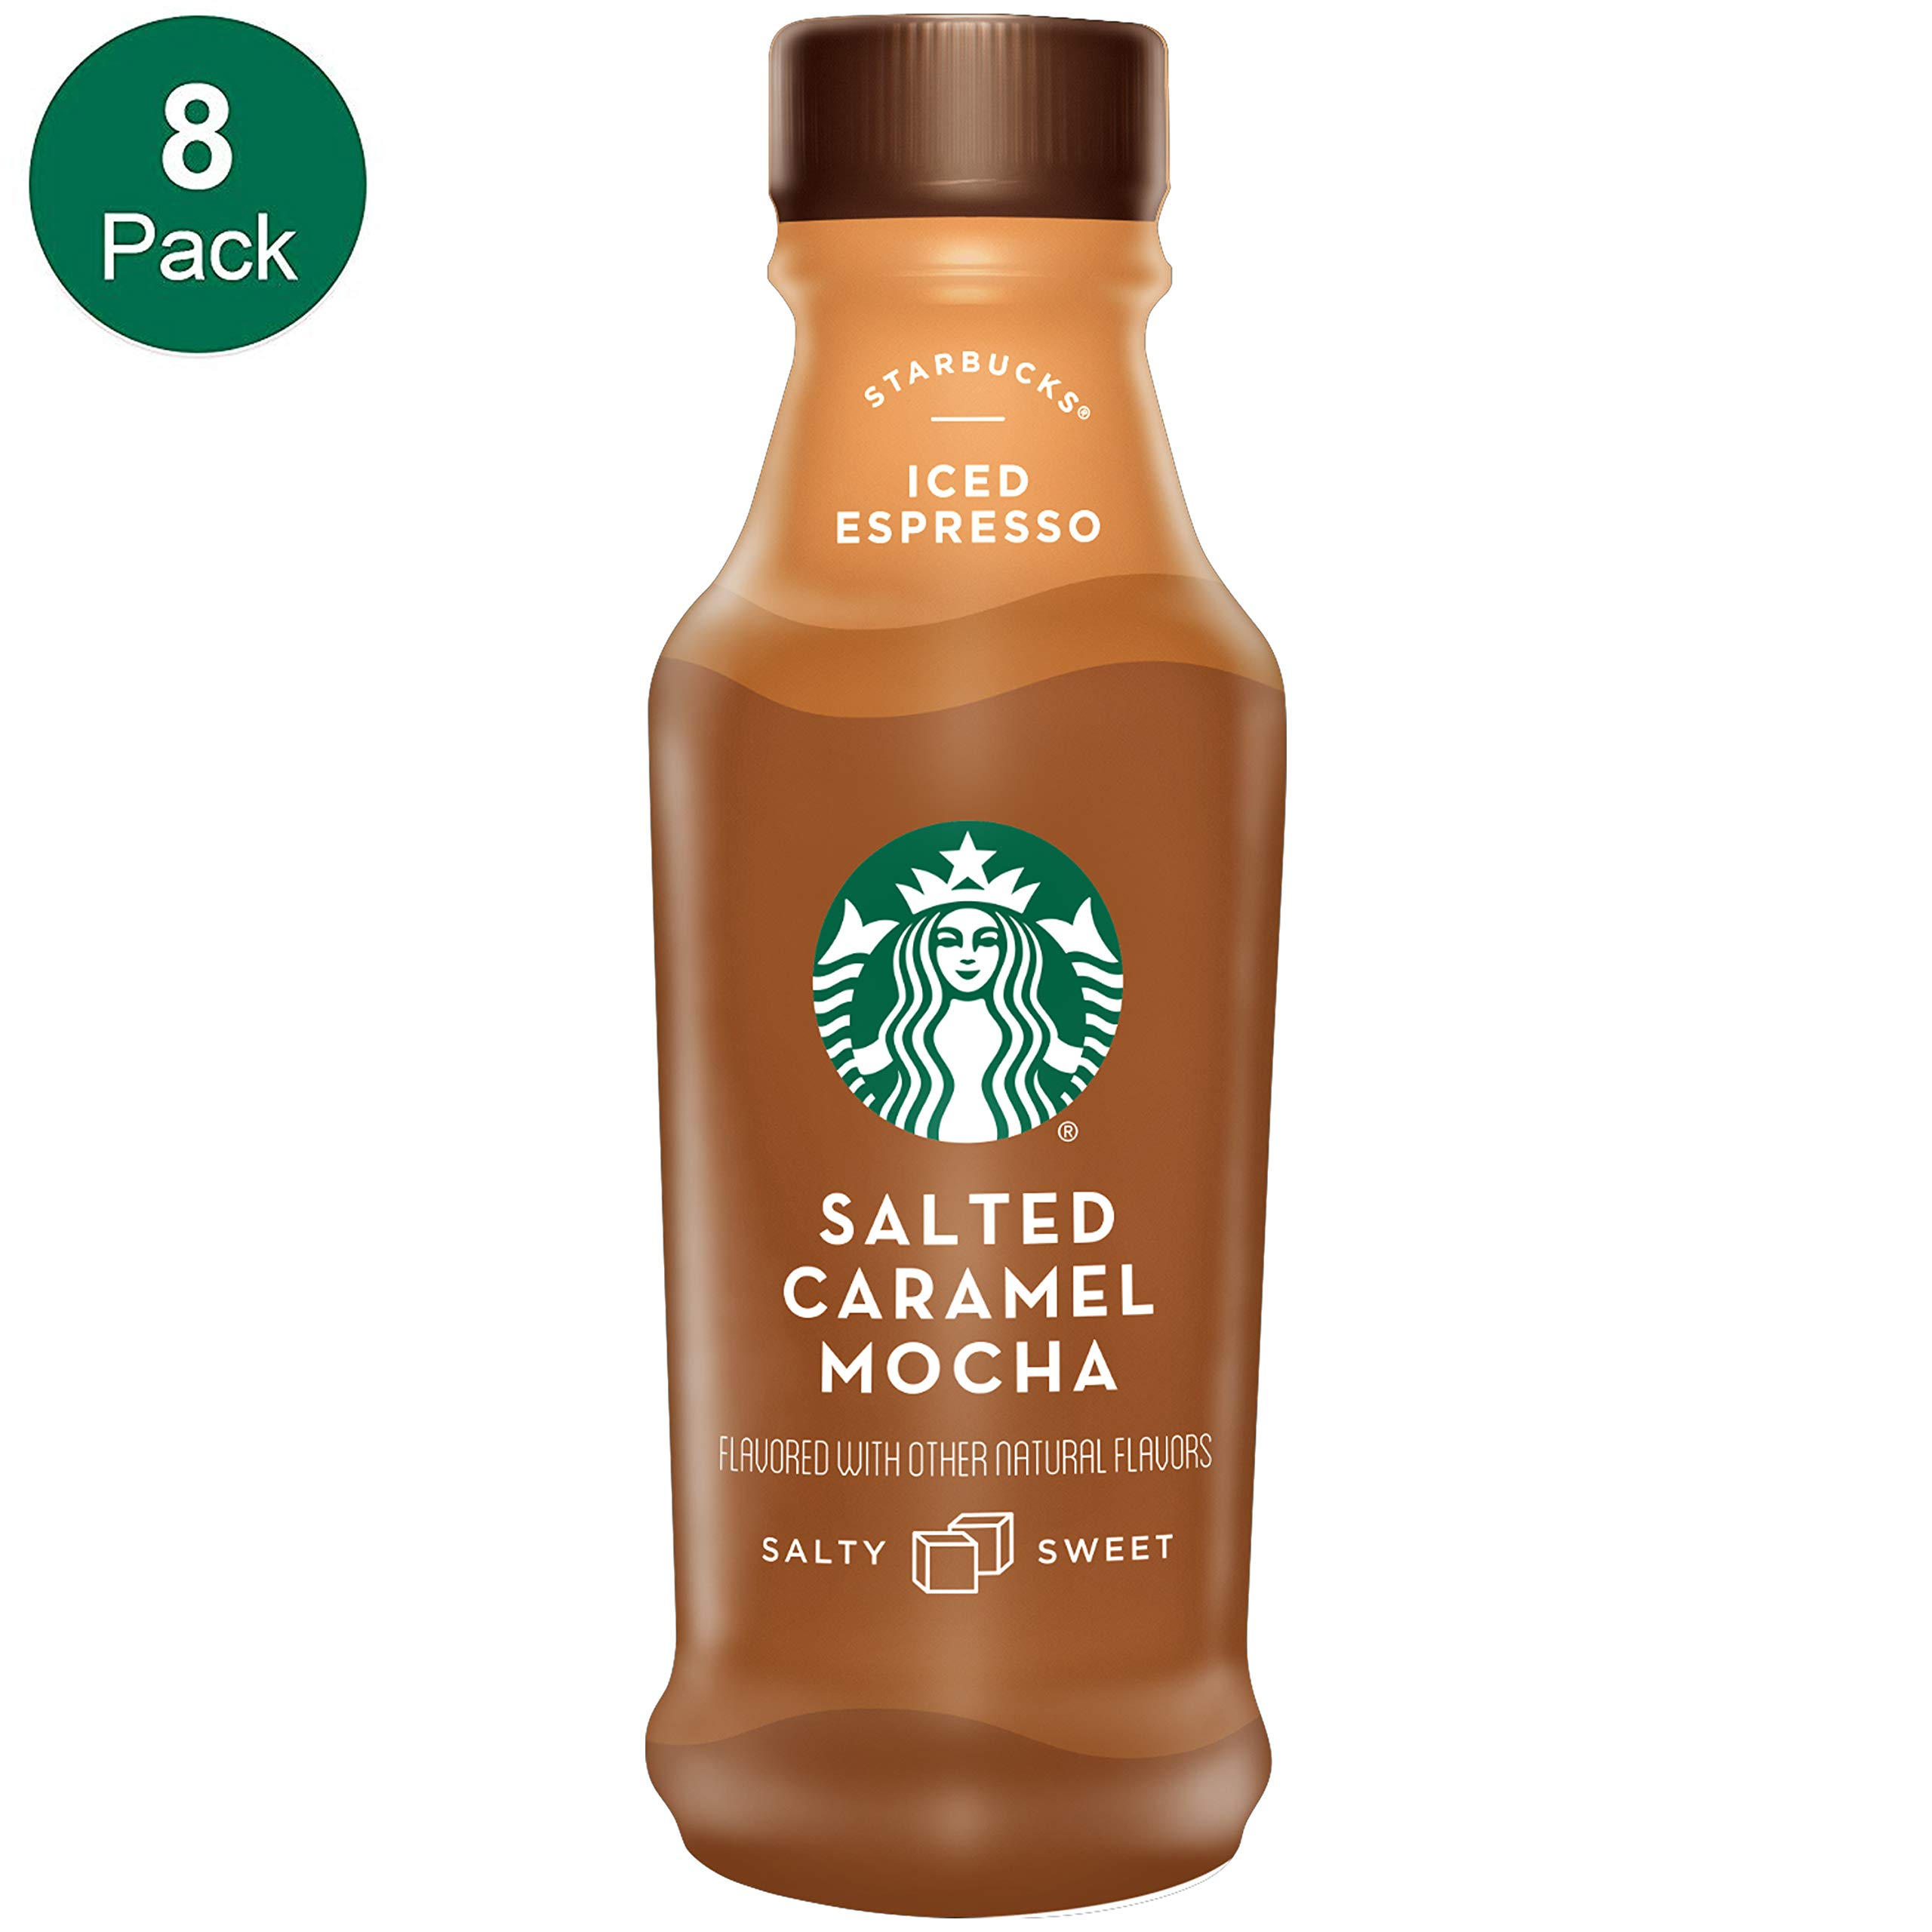 Starbucks, Iced Latte, Salted Caramel Mocha, 14 Fl Oz (Pack of 8) by Starbucks